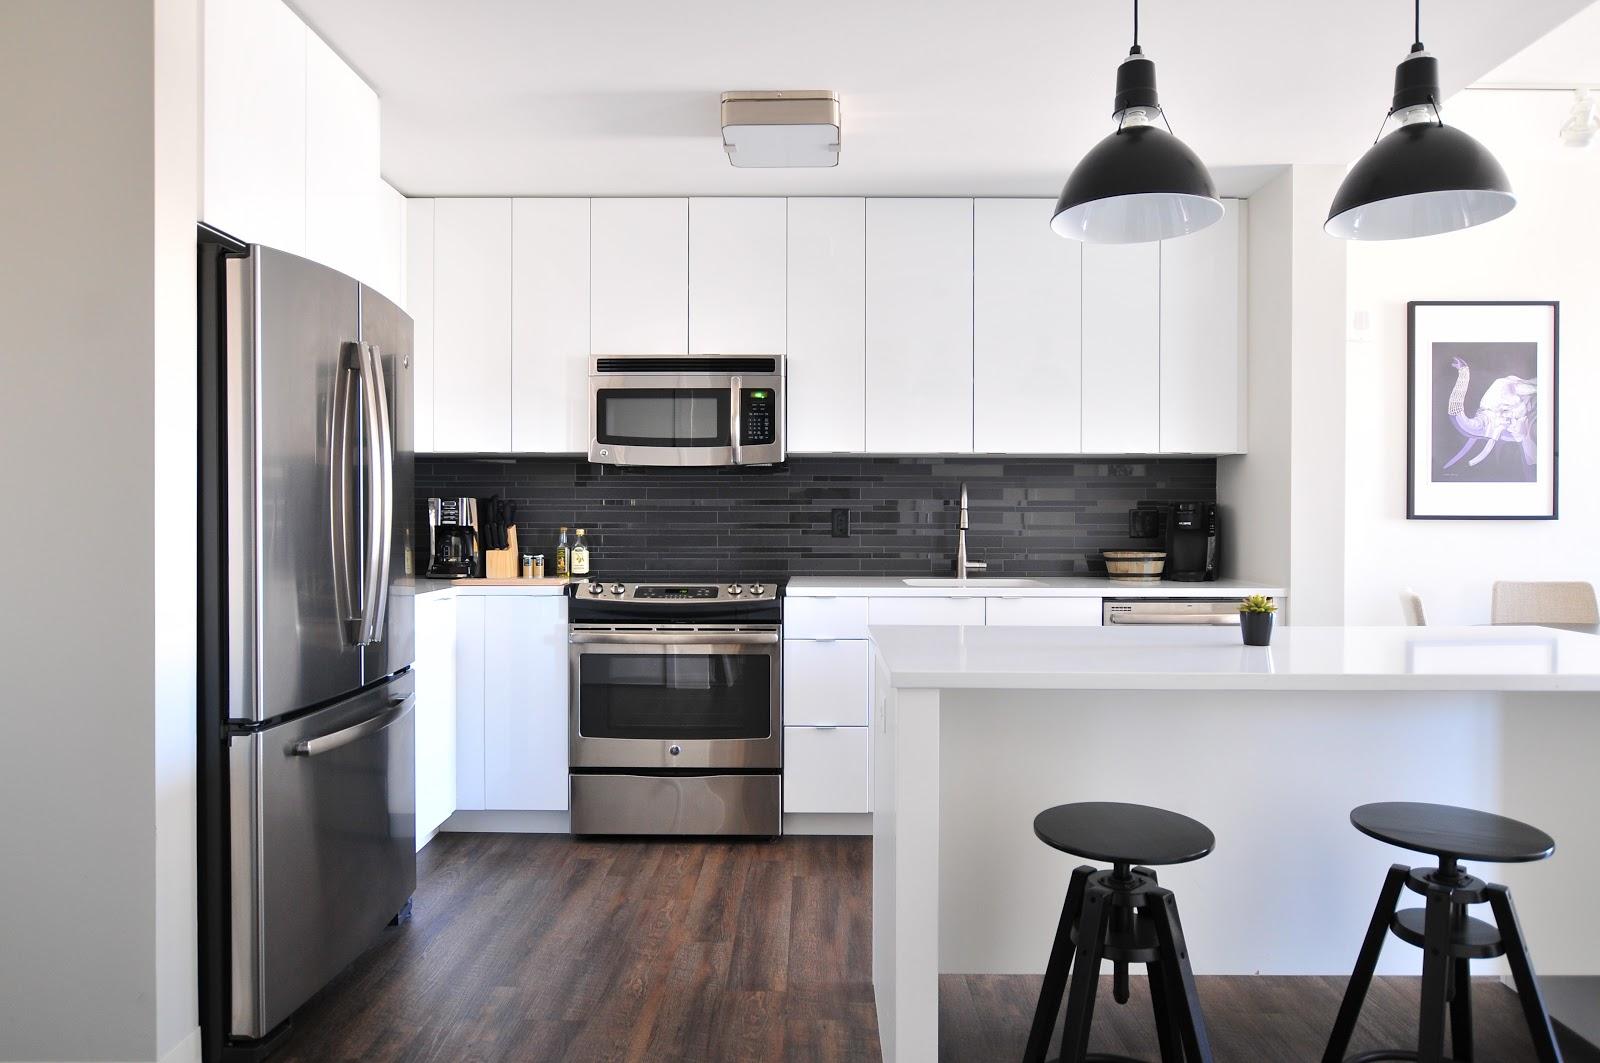 sleek modern Tripalink kitchen with new appliances